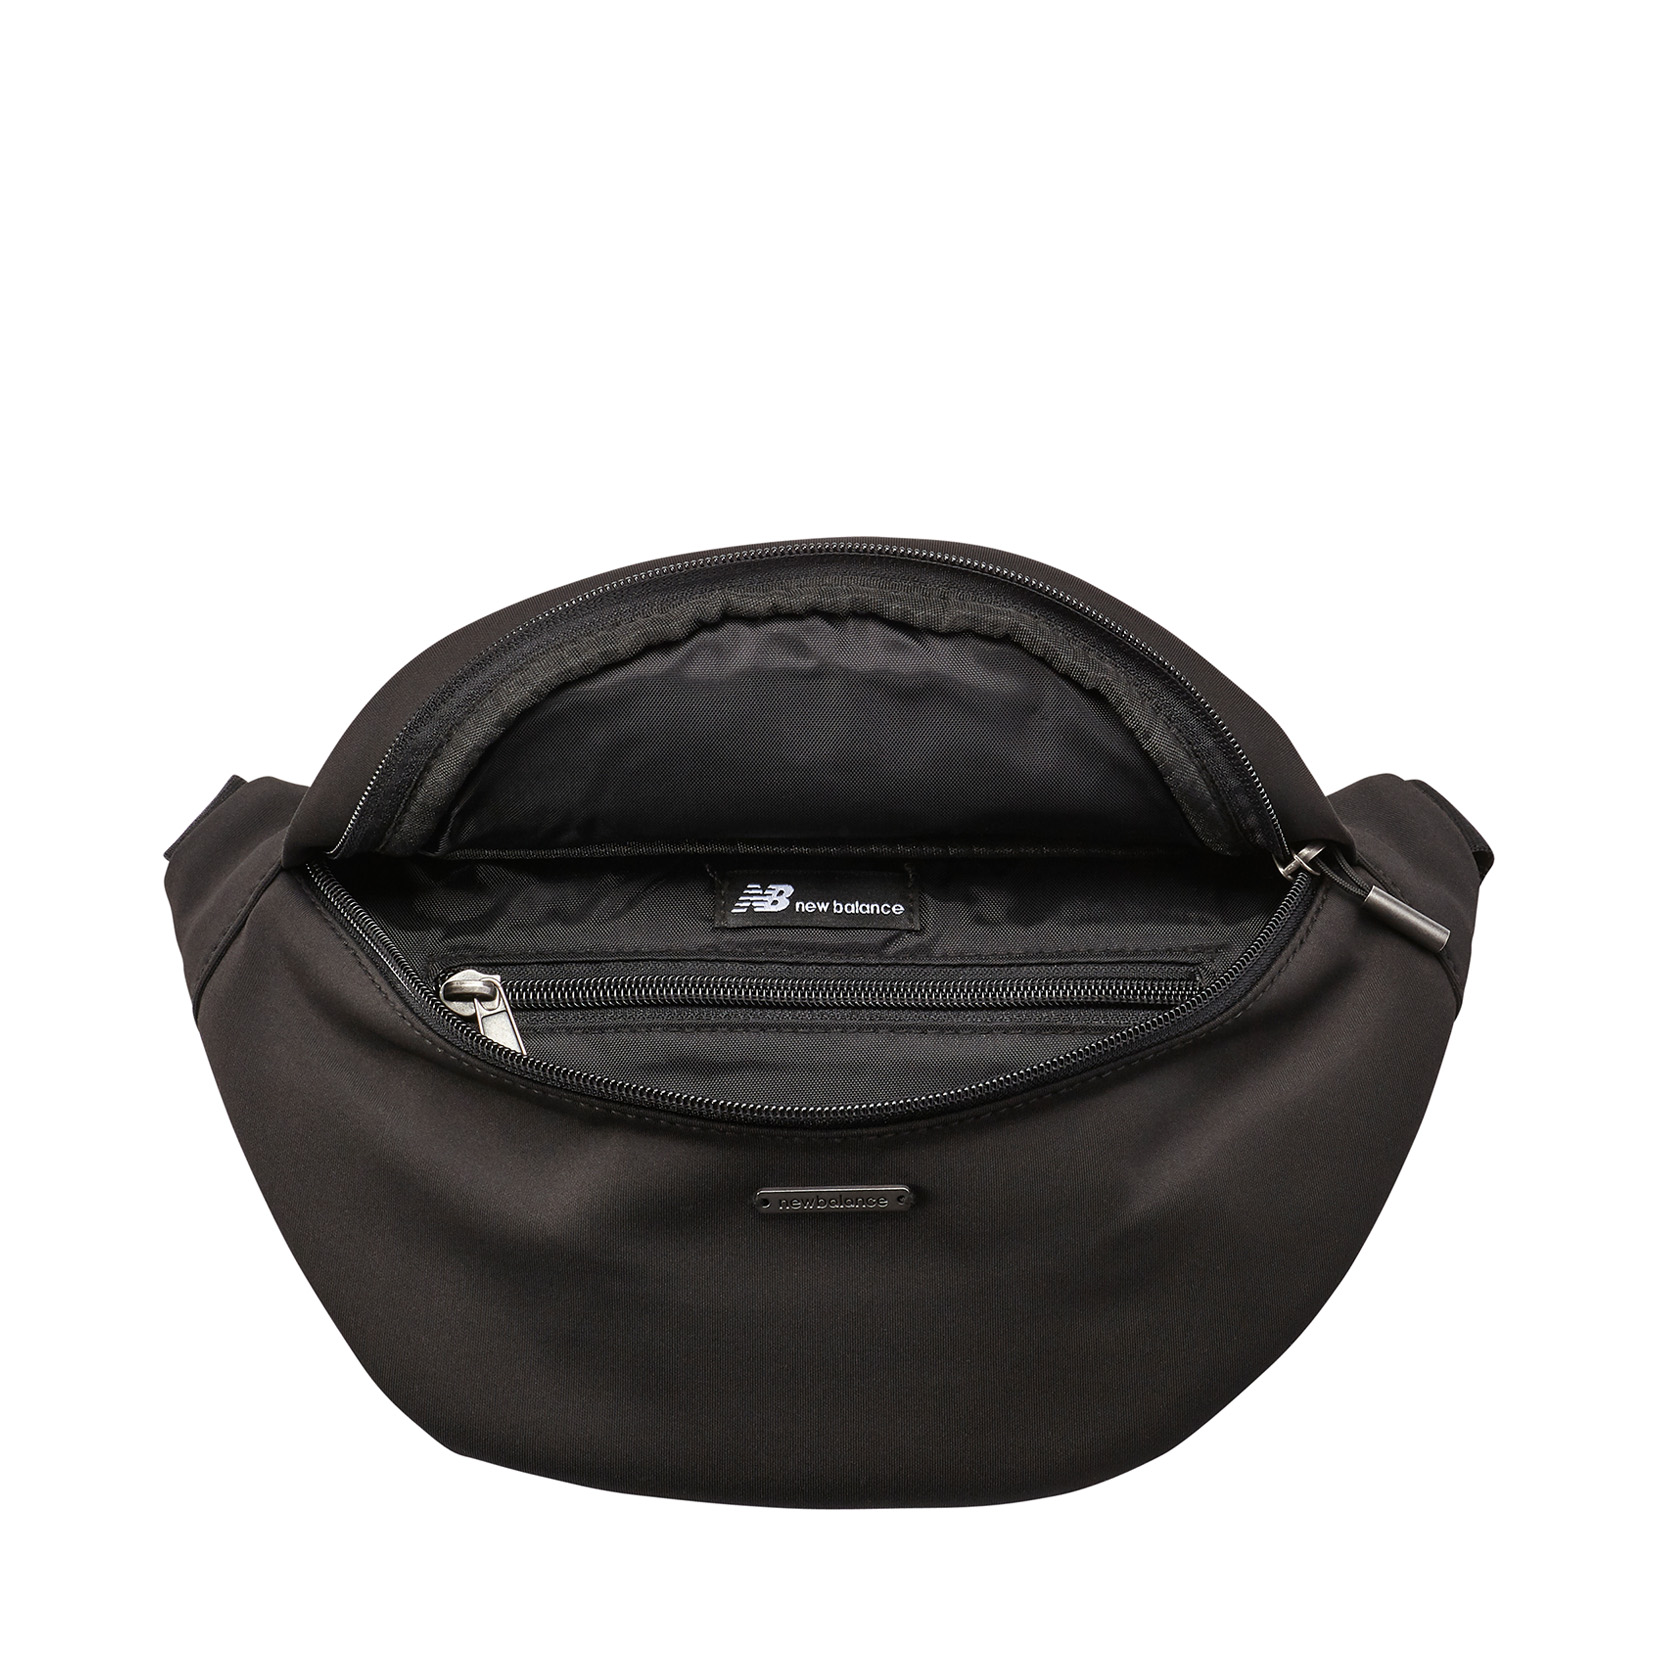 Поясна сумка Transform для жінок LAB01021BK | New Balance